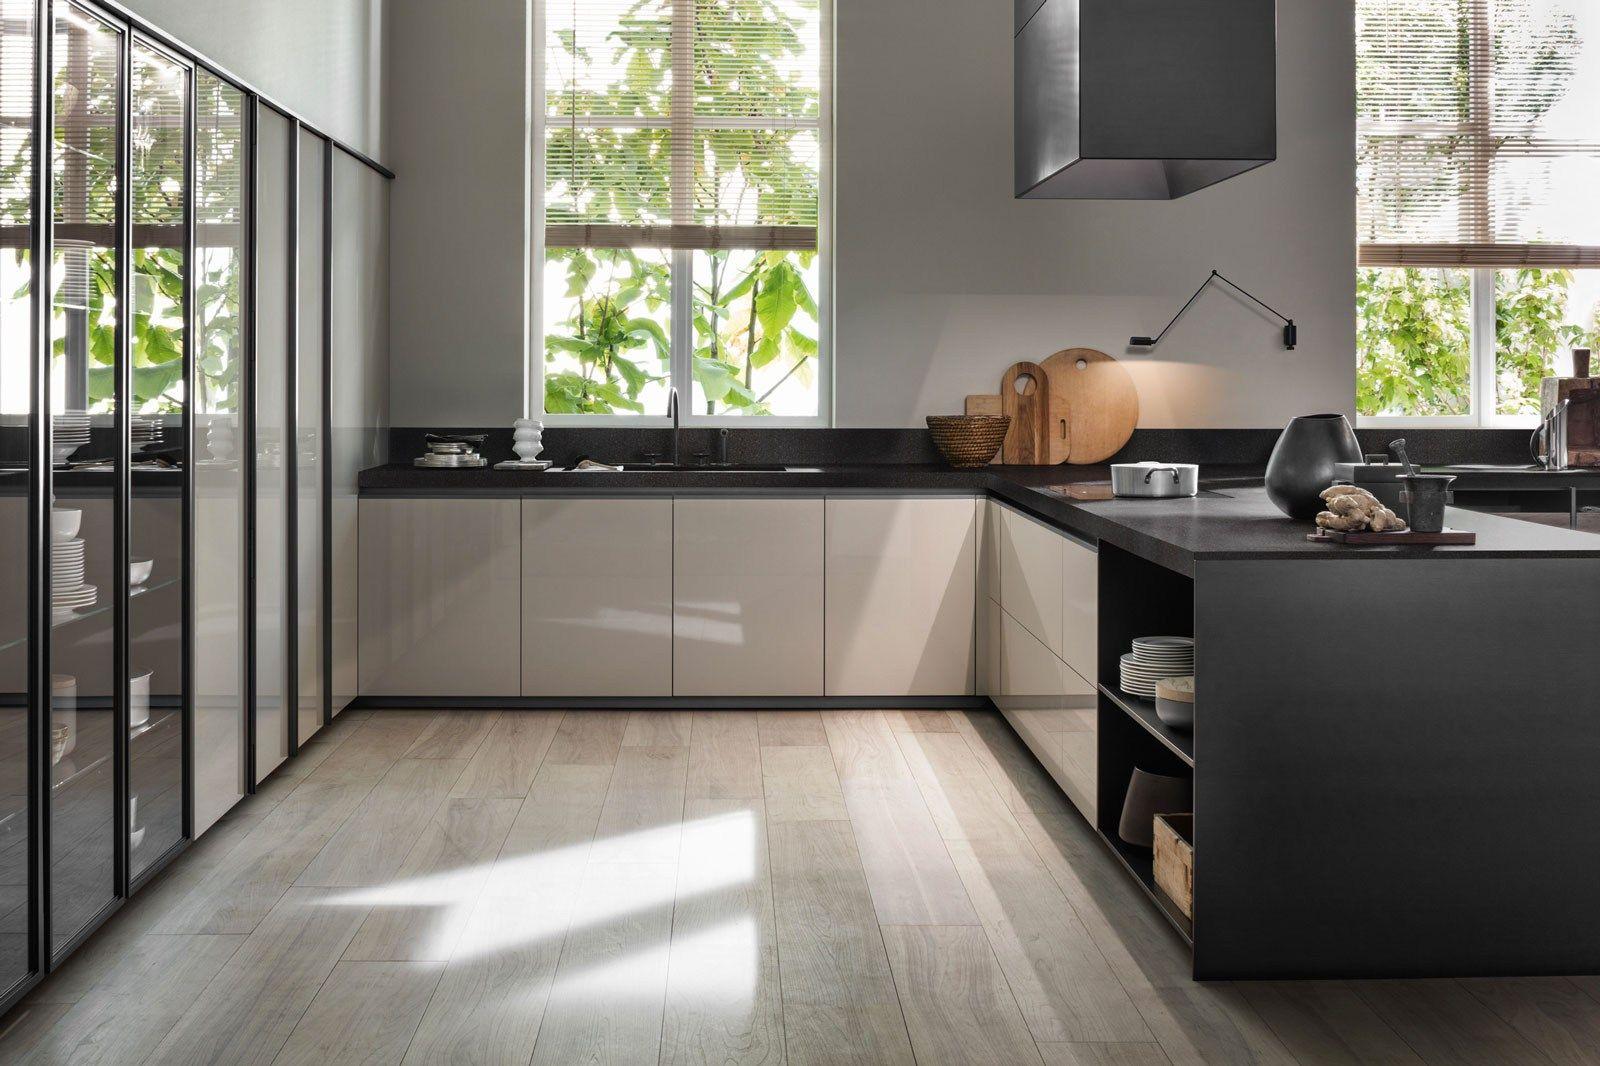 Scarica il catalogo e richiedi prezzi di Vvd | cucina lineare By ...